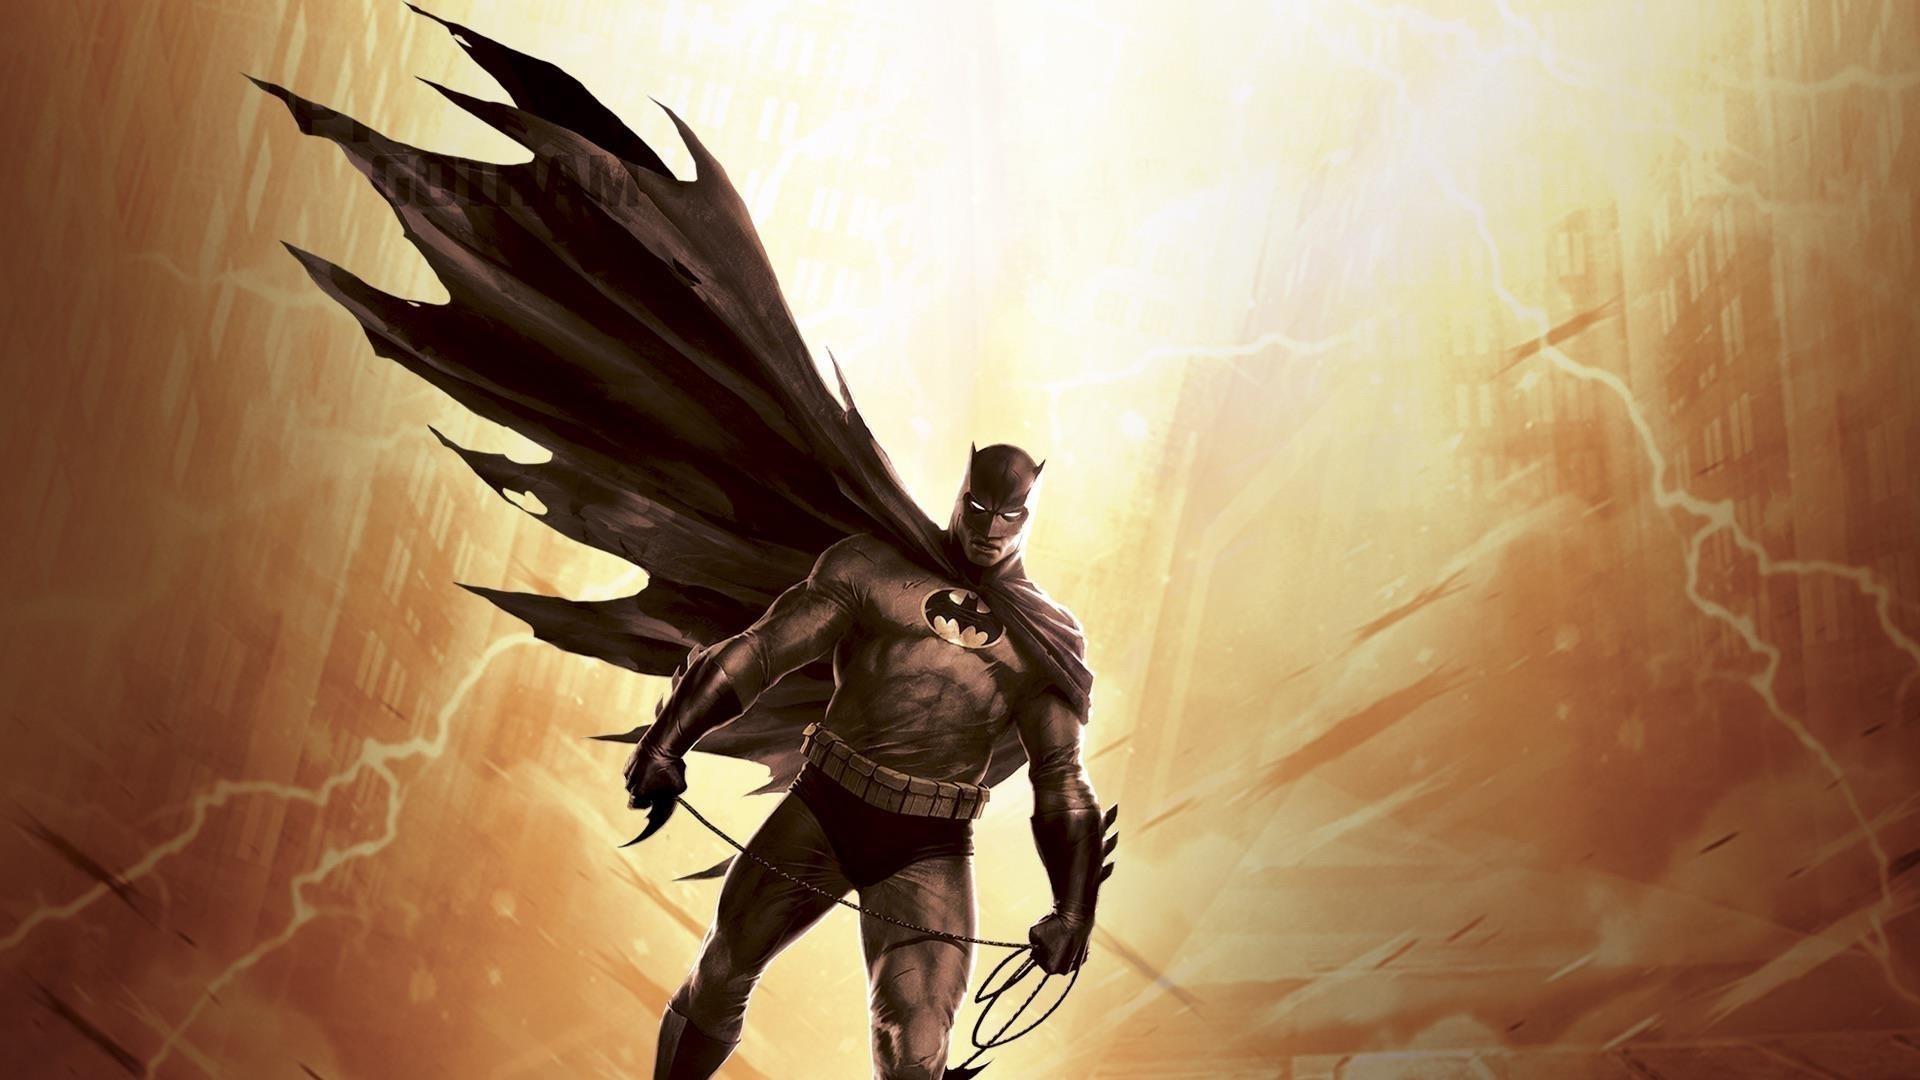 Бэтмен Темный рыцарь возвращается произведения искусства обои скачать